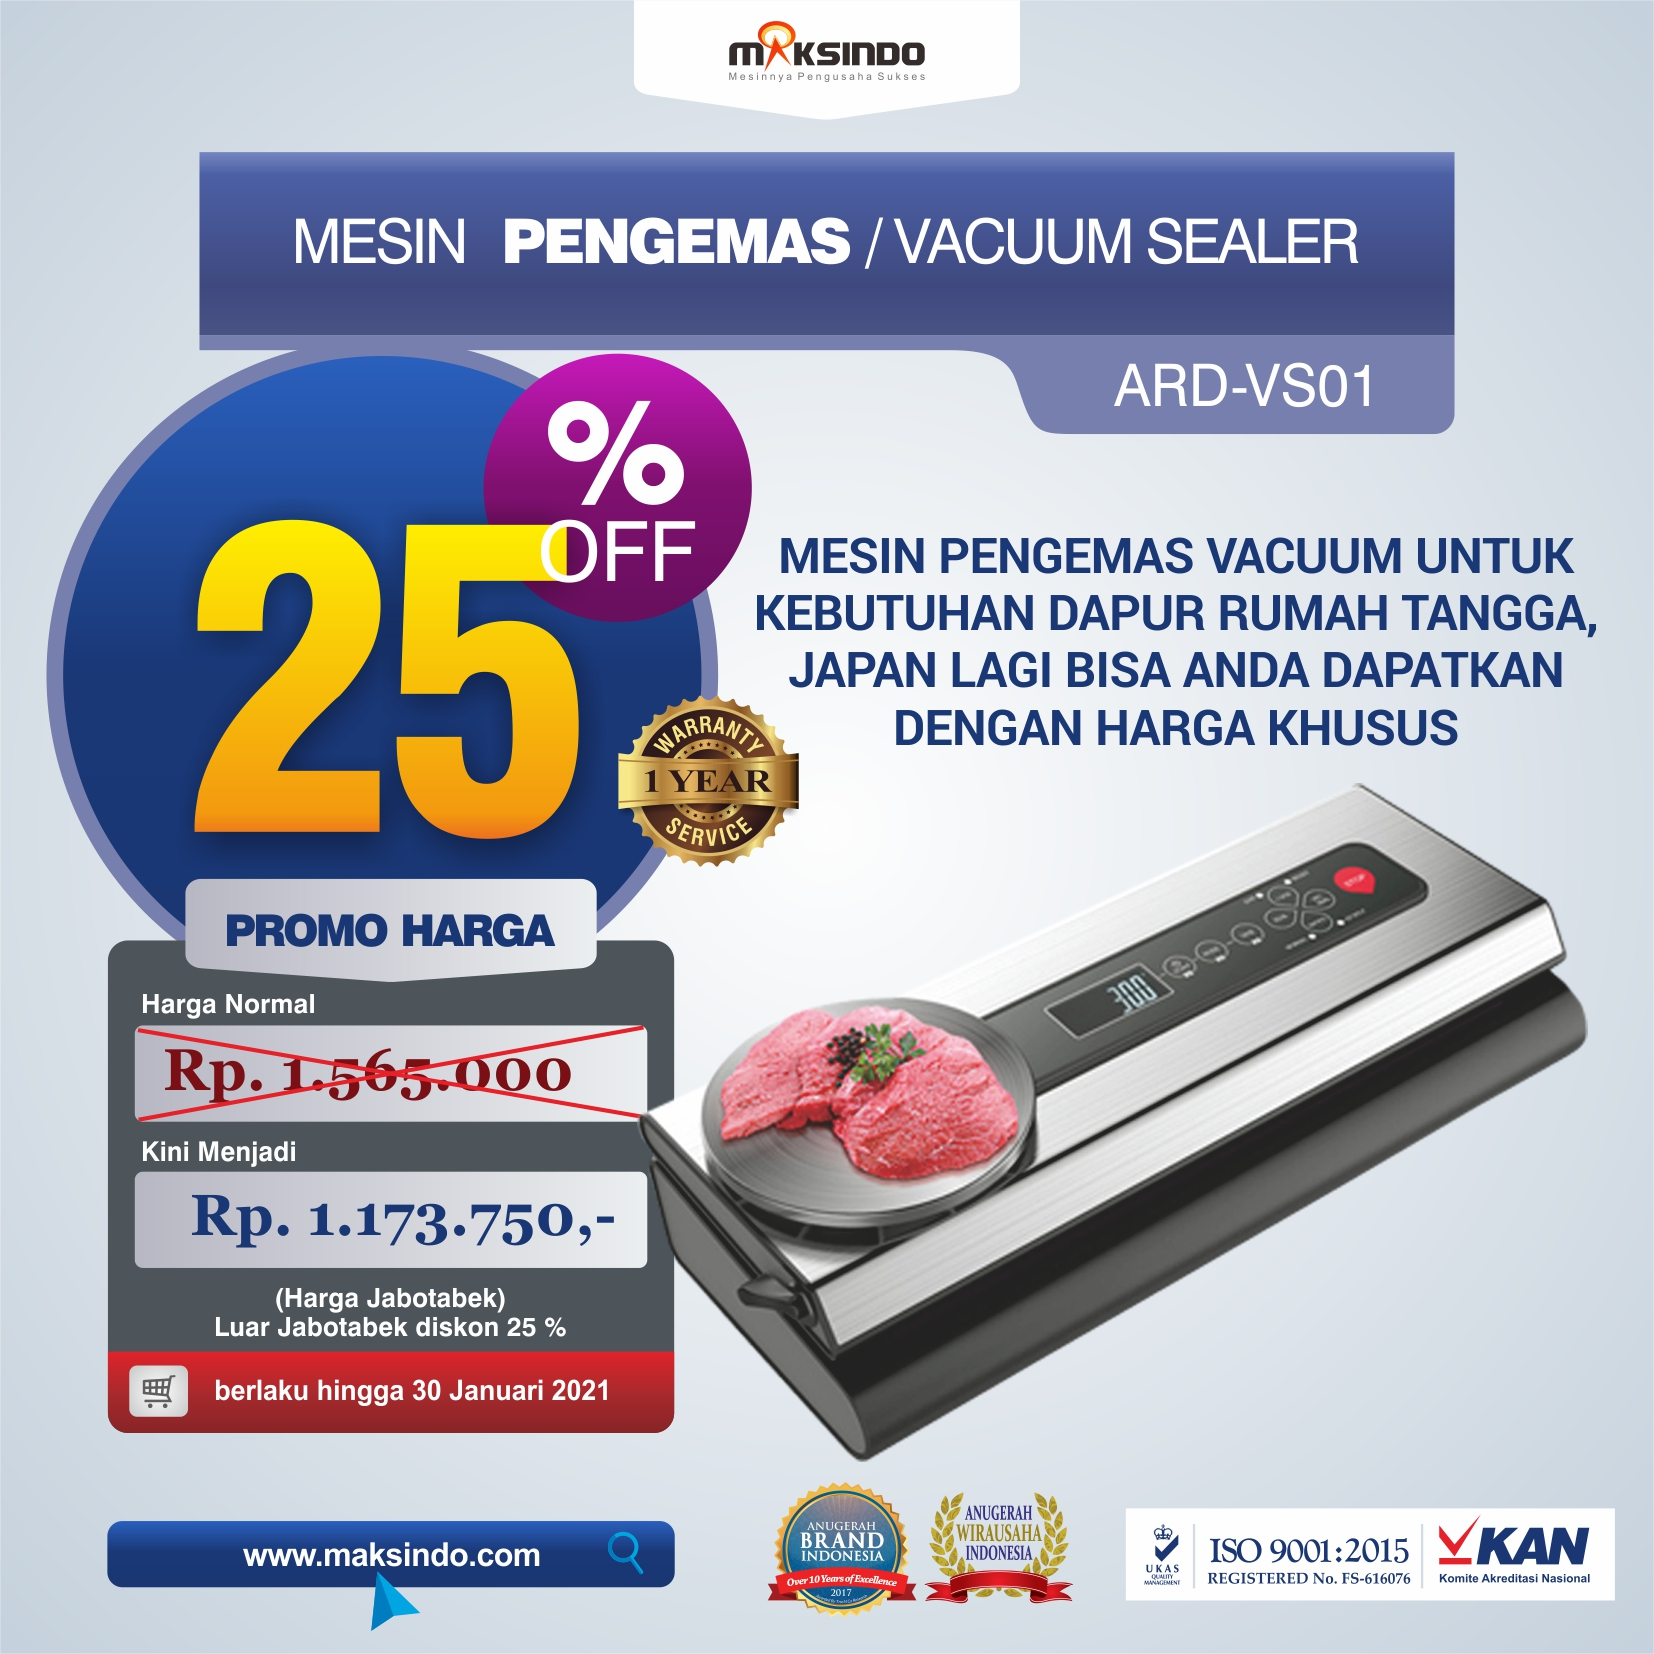 Jual Mesin Pengemas Vacuum Sealer ARD-VS01 di Yogyakarta